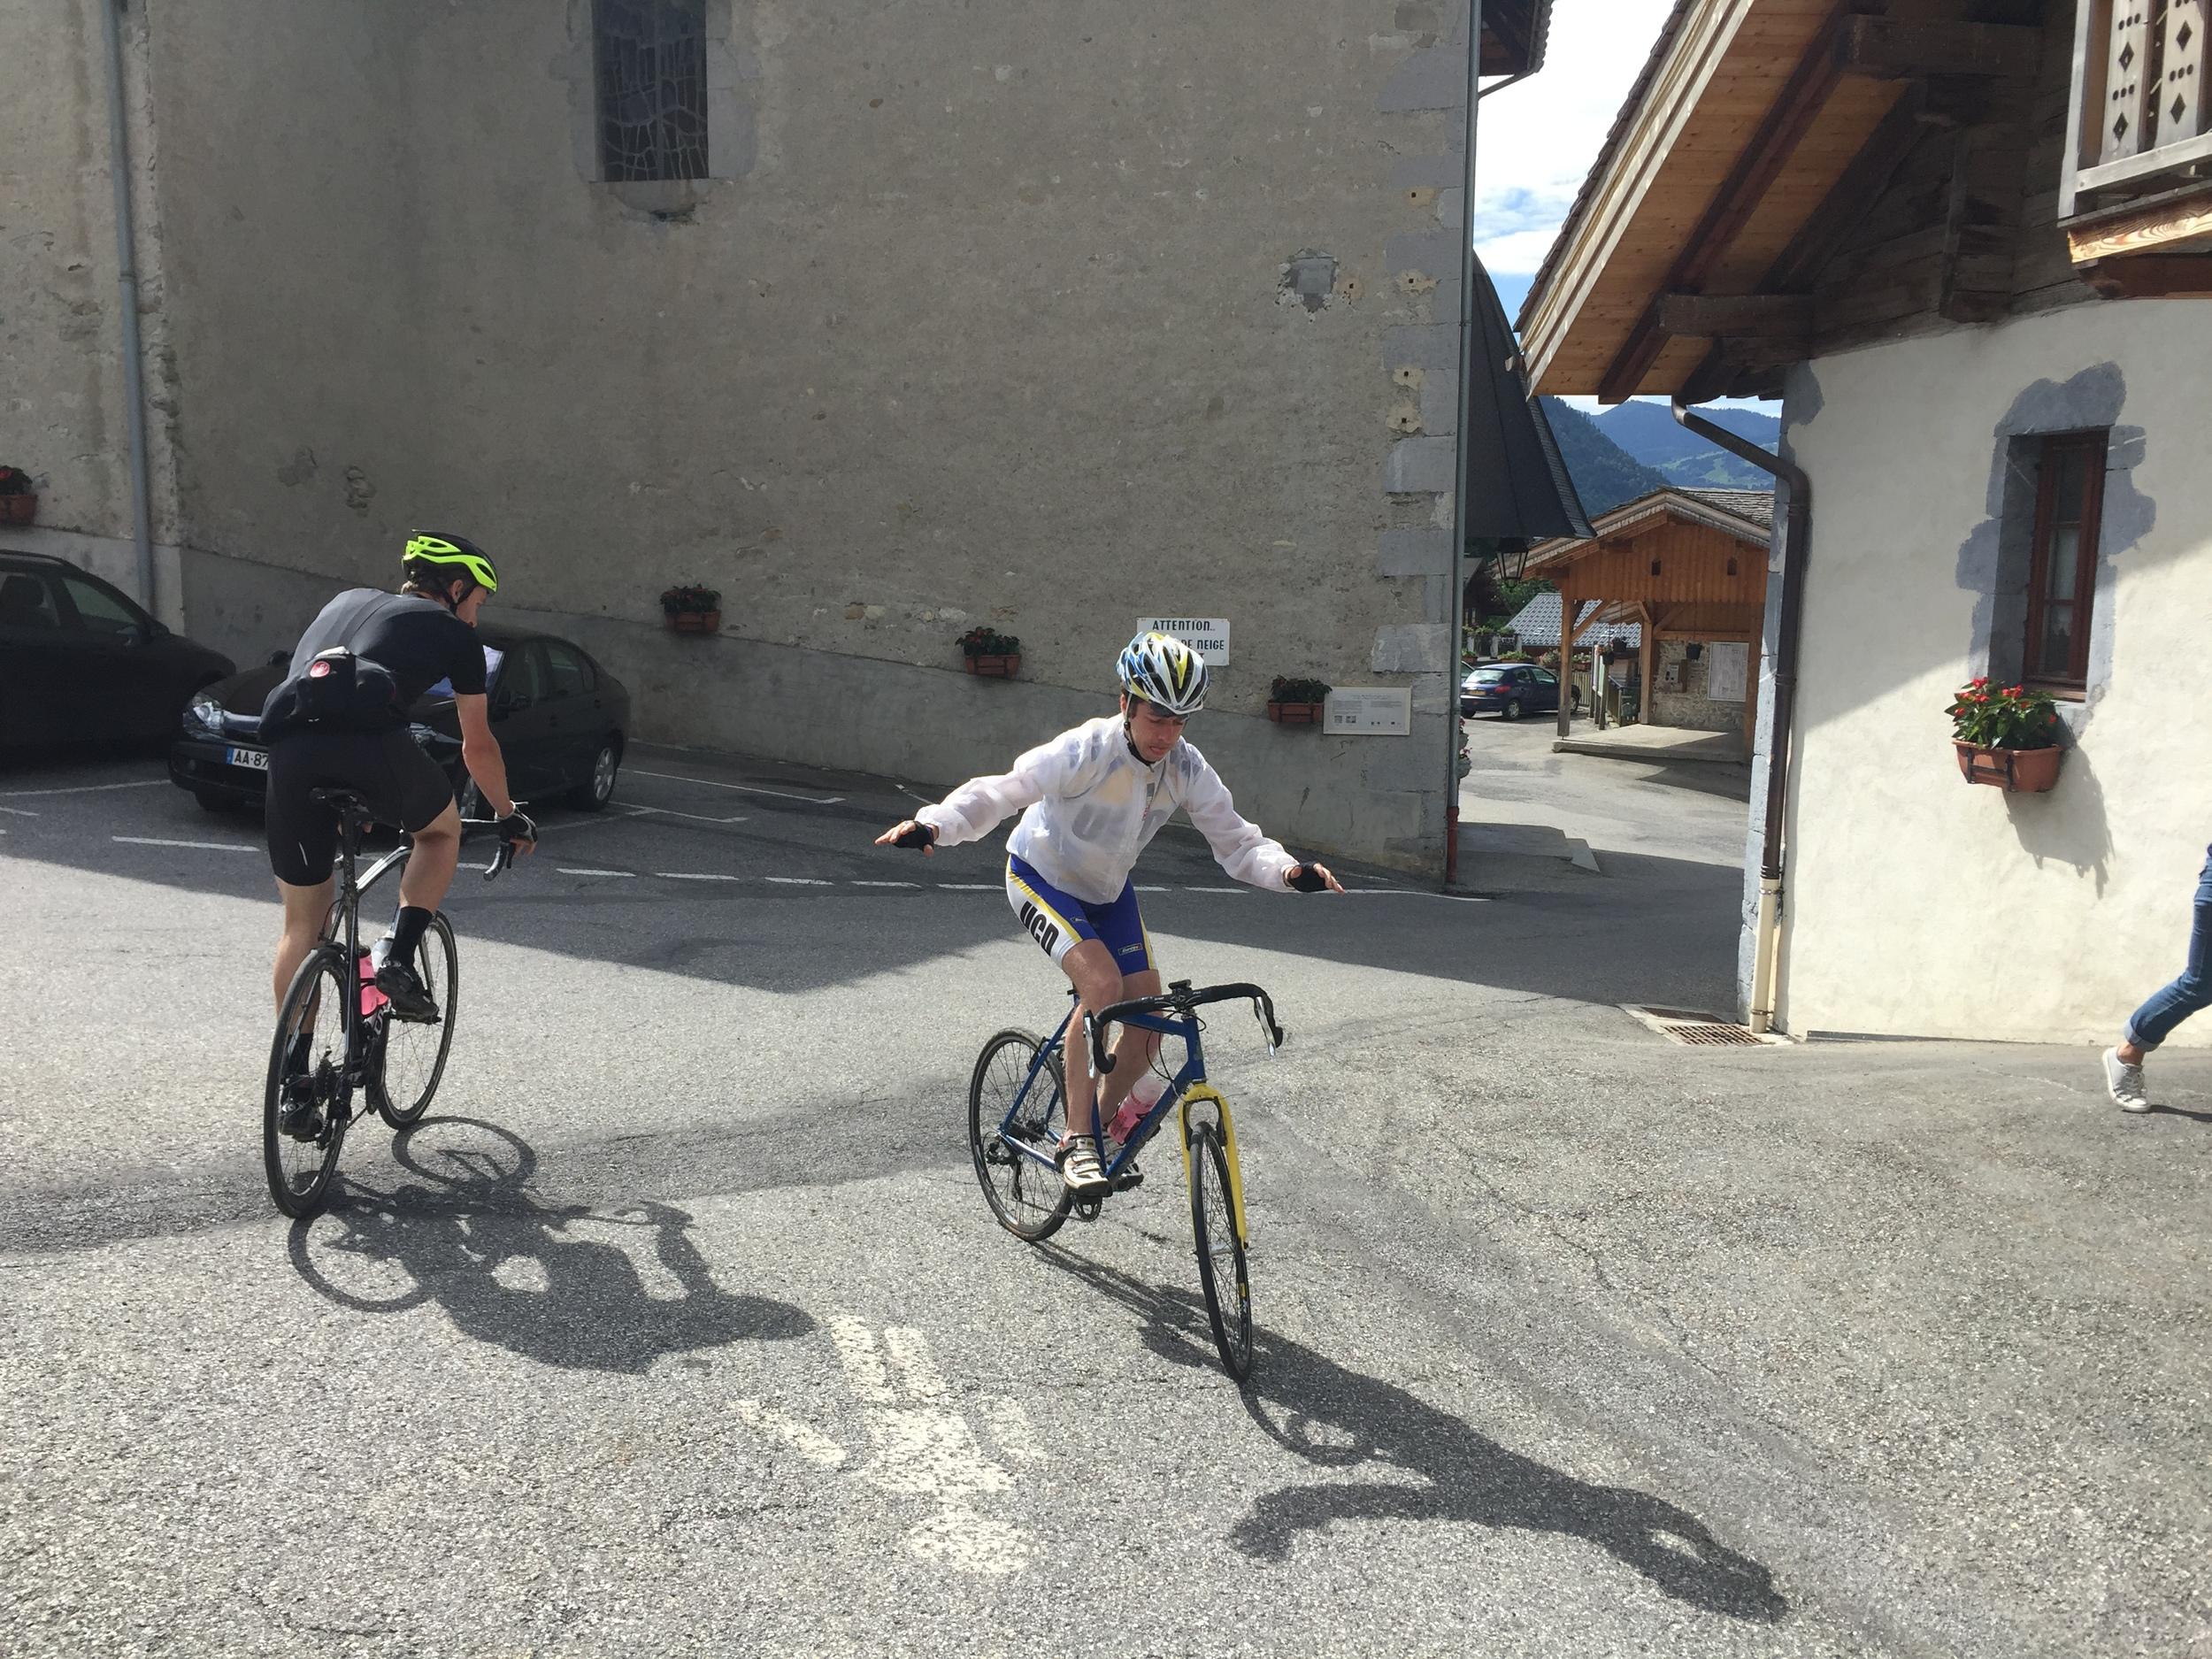 Showing off in La Giettaz